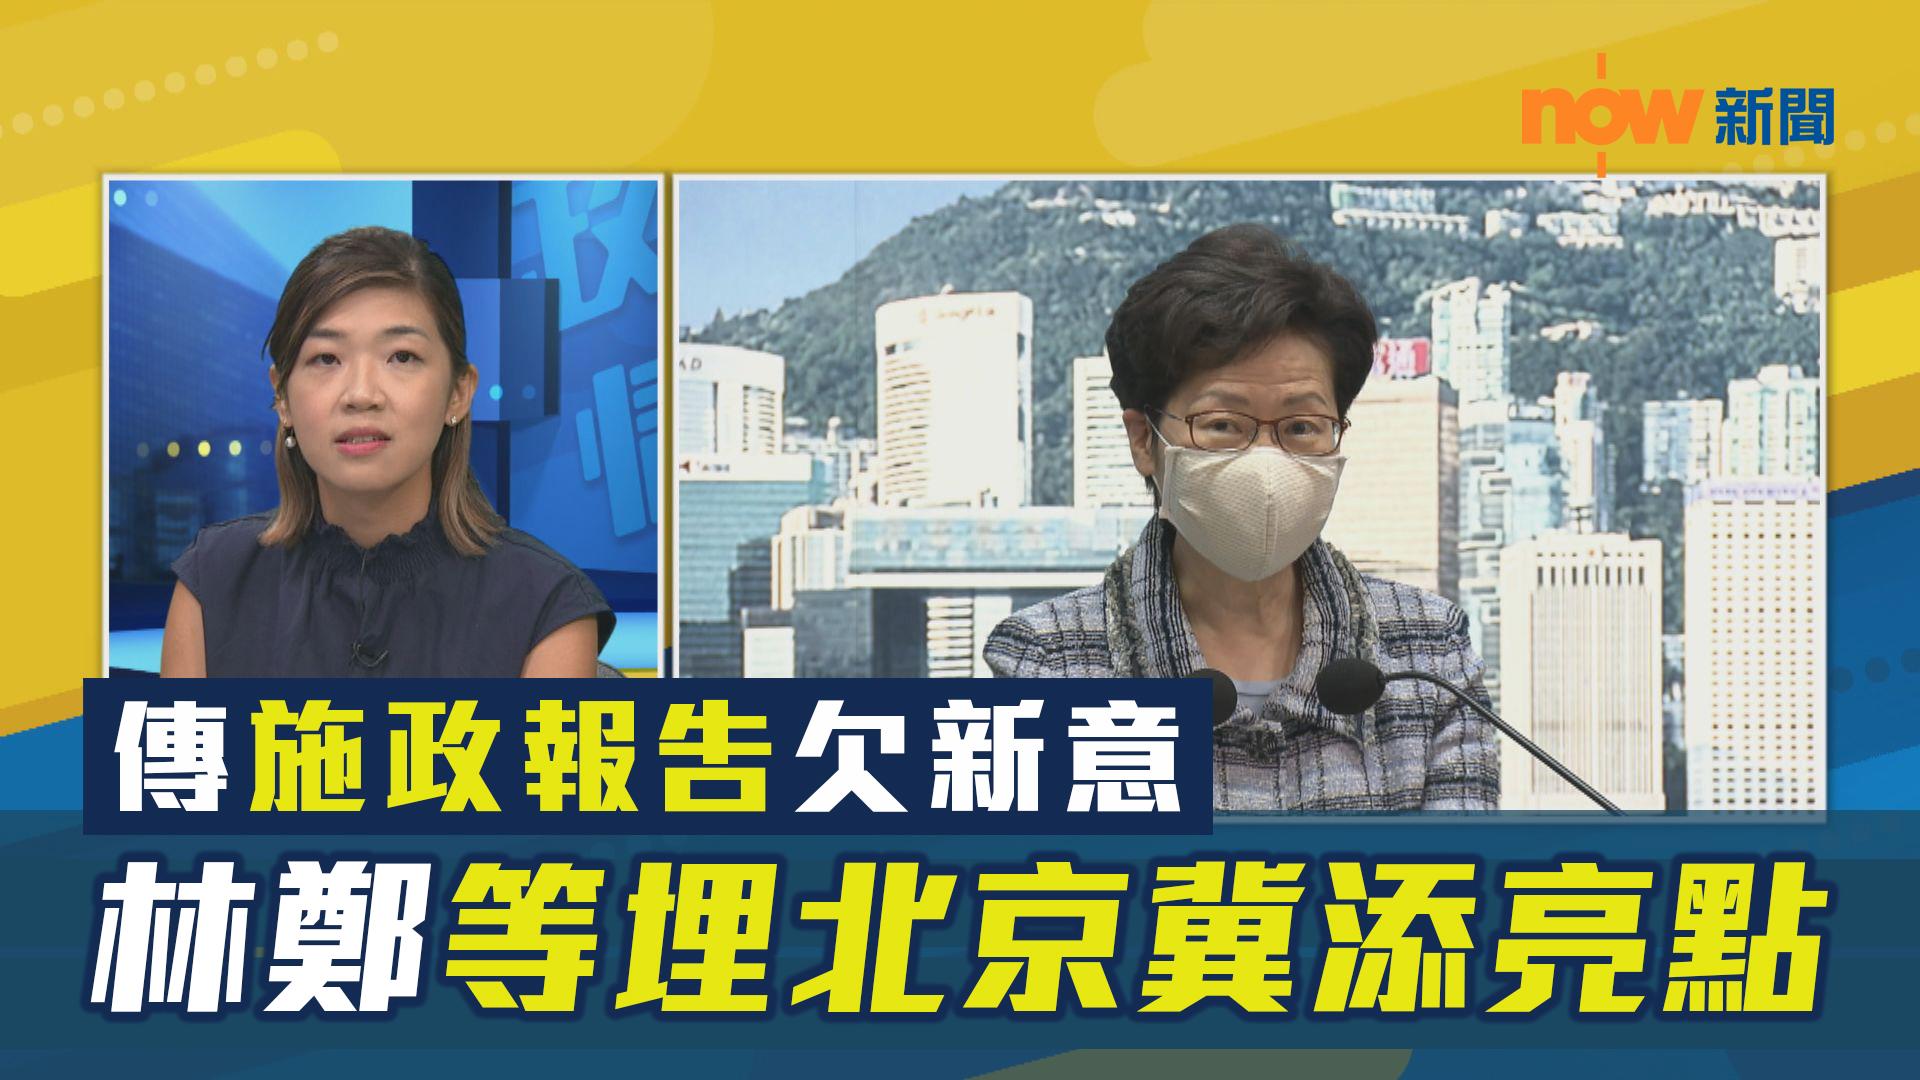 【政情】傳施政報告欠新意 林鄭等埋北京冀添亮點